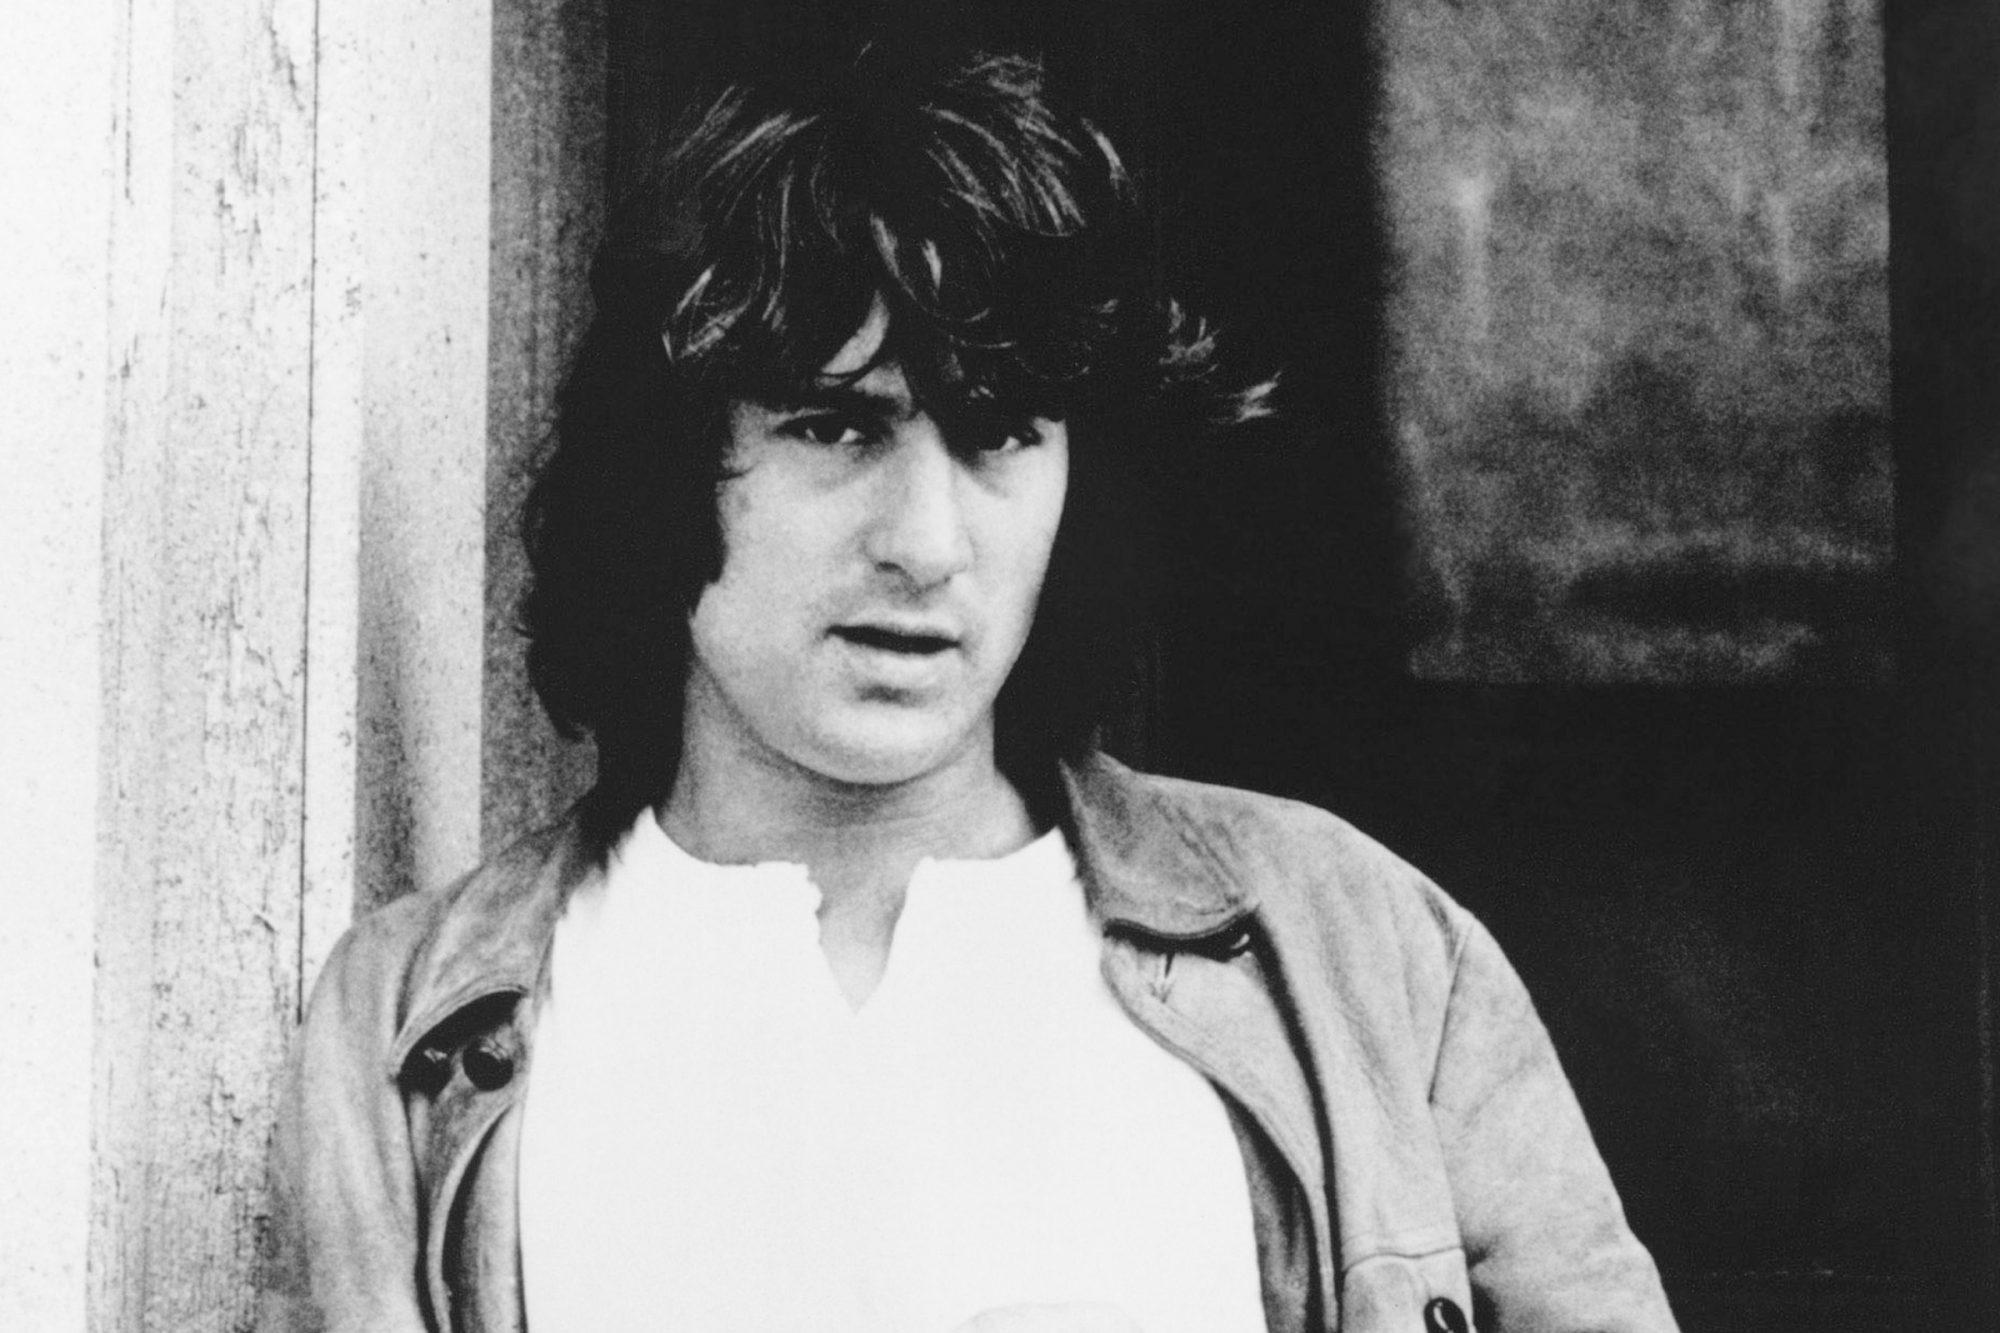 MEAN STREETS, Robert De Niro, 1973